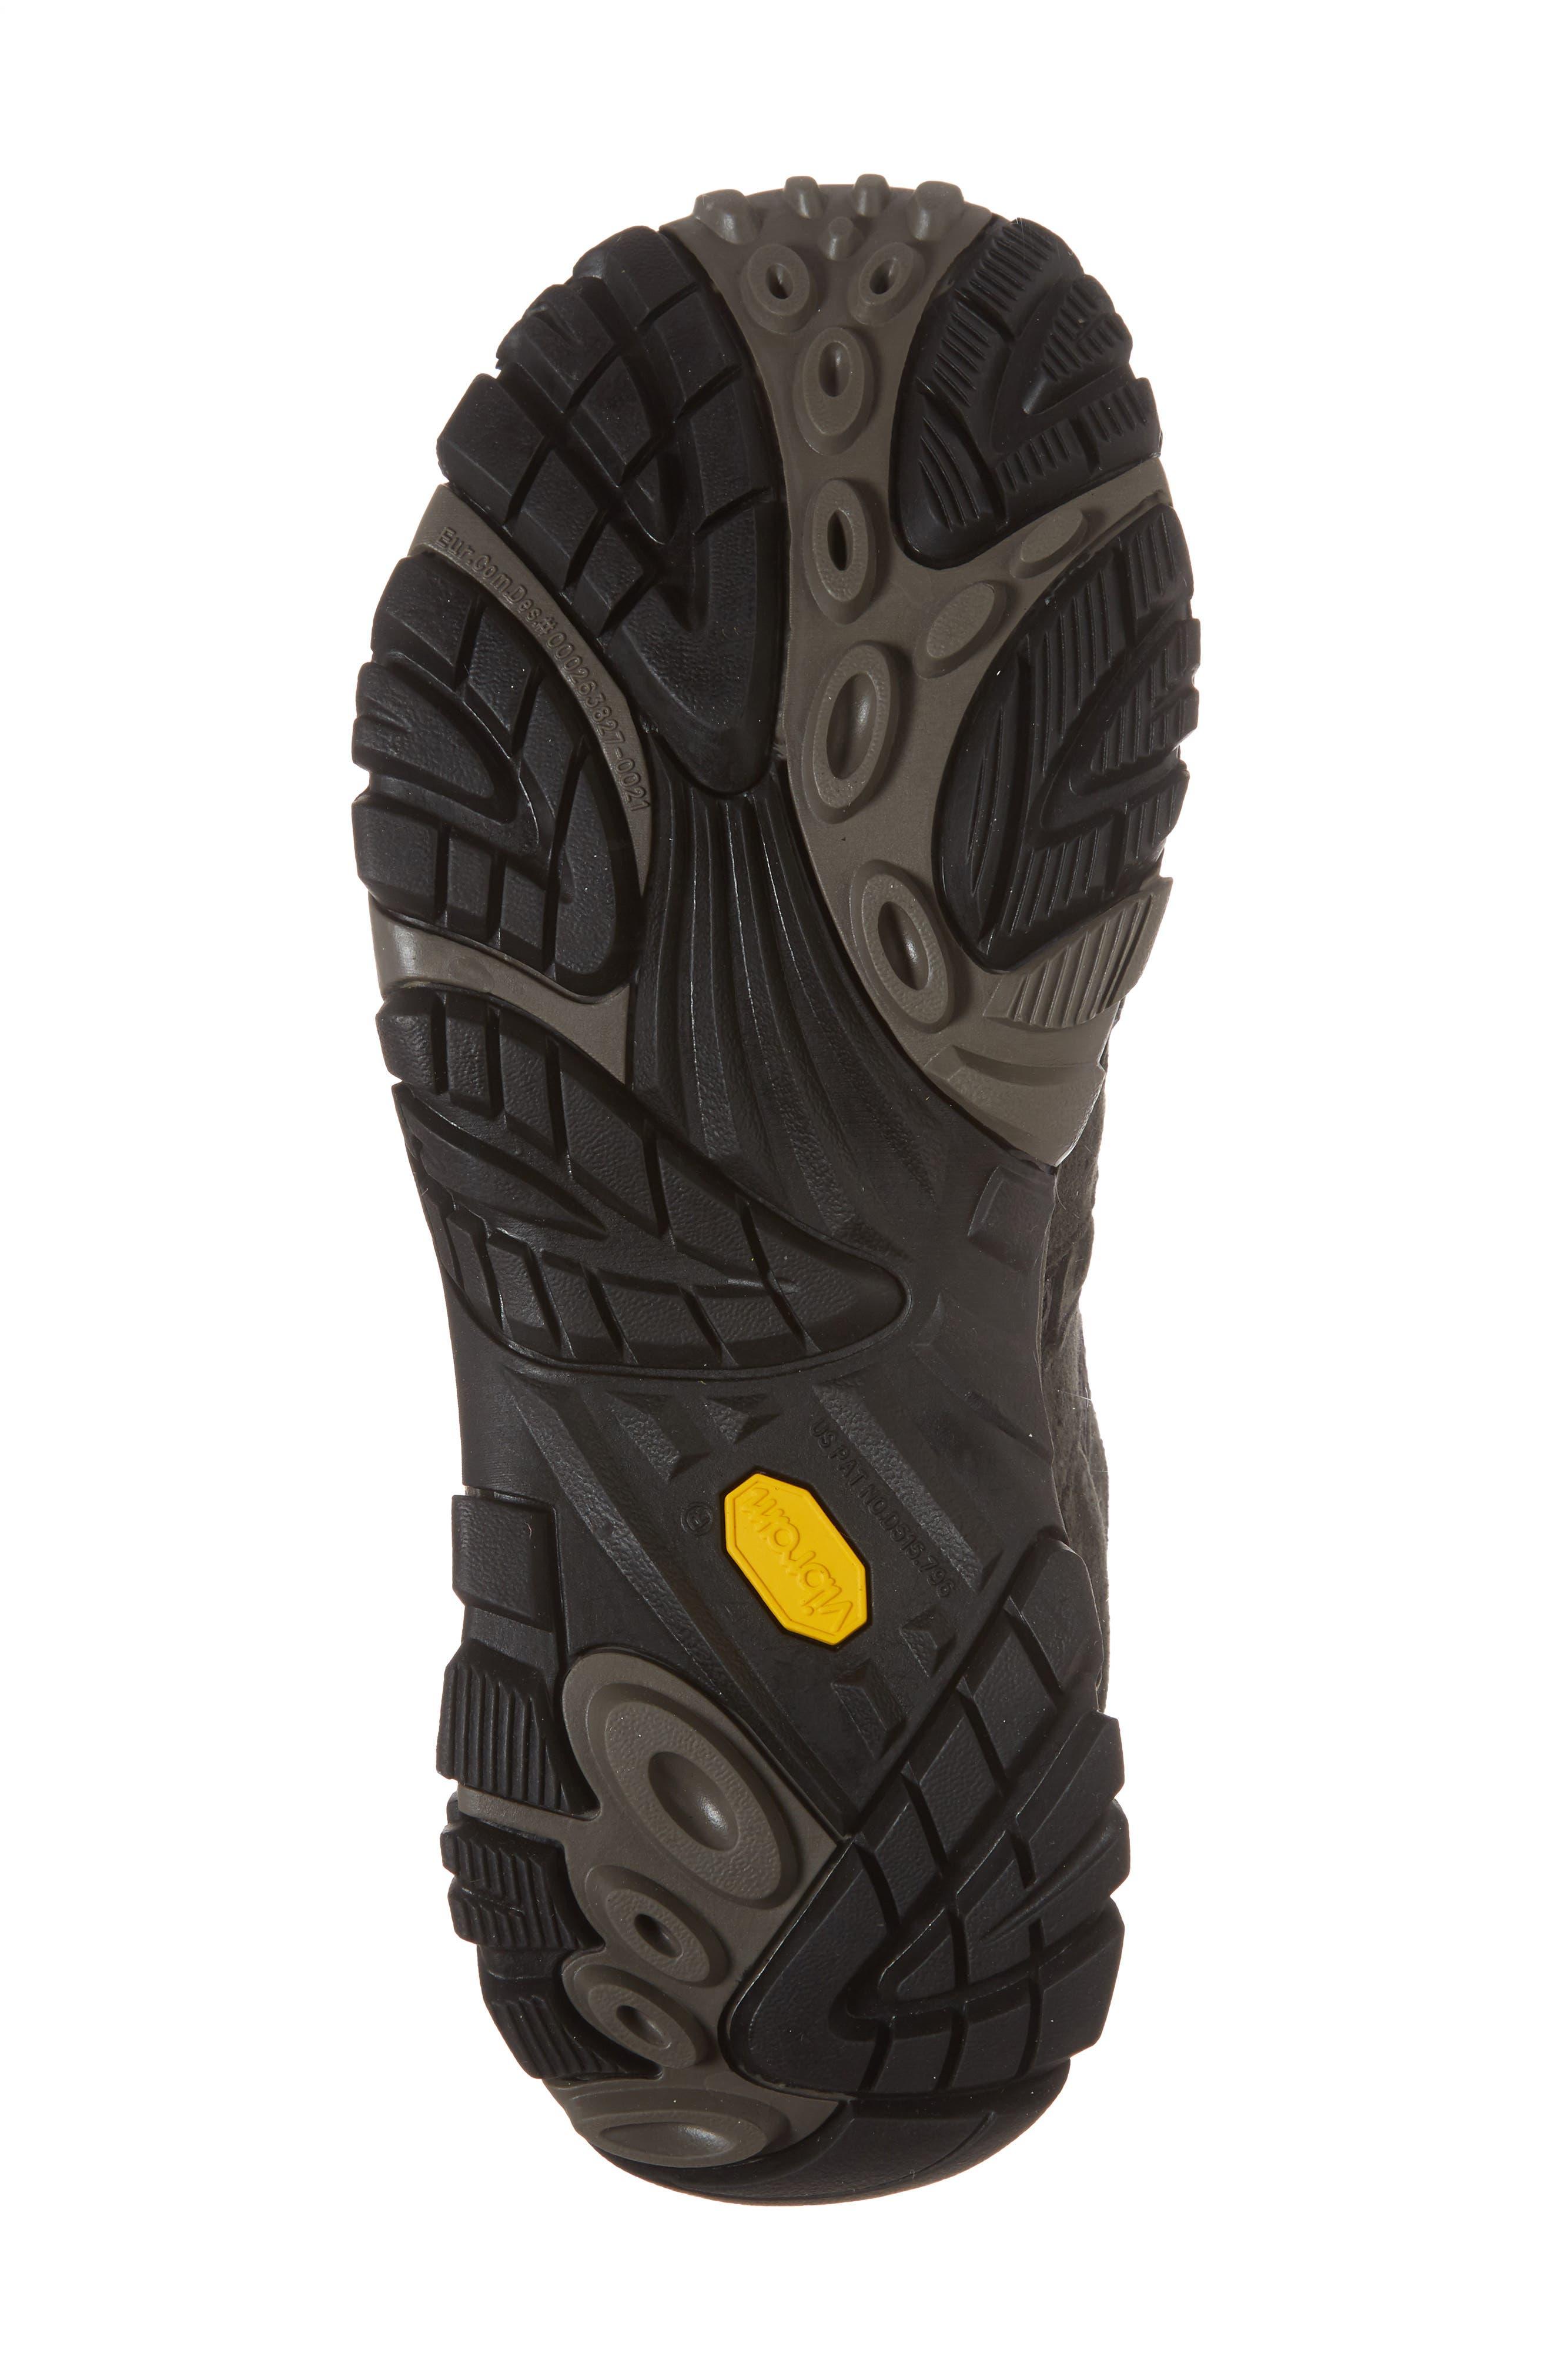 Moab 2 Waterproof HIking Shoe,                             Alternate thumbnail 6, color,                             Beluga/ Beluga